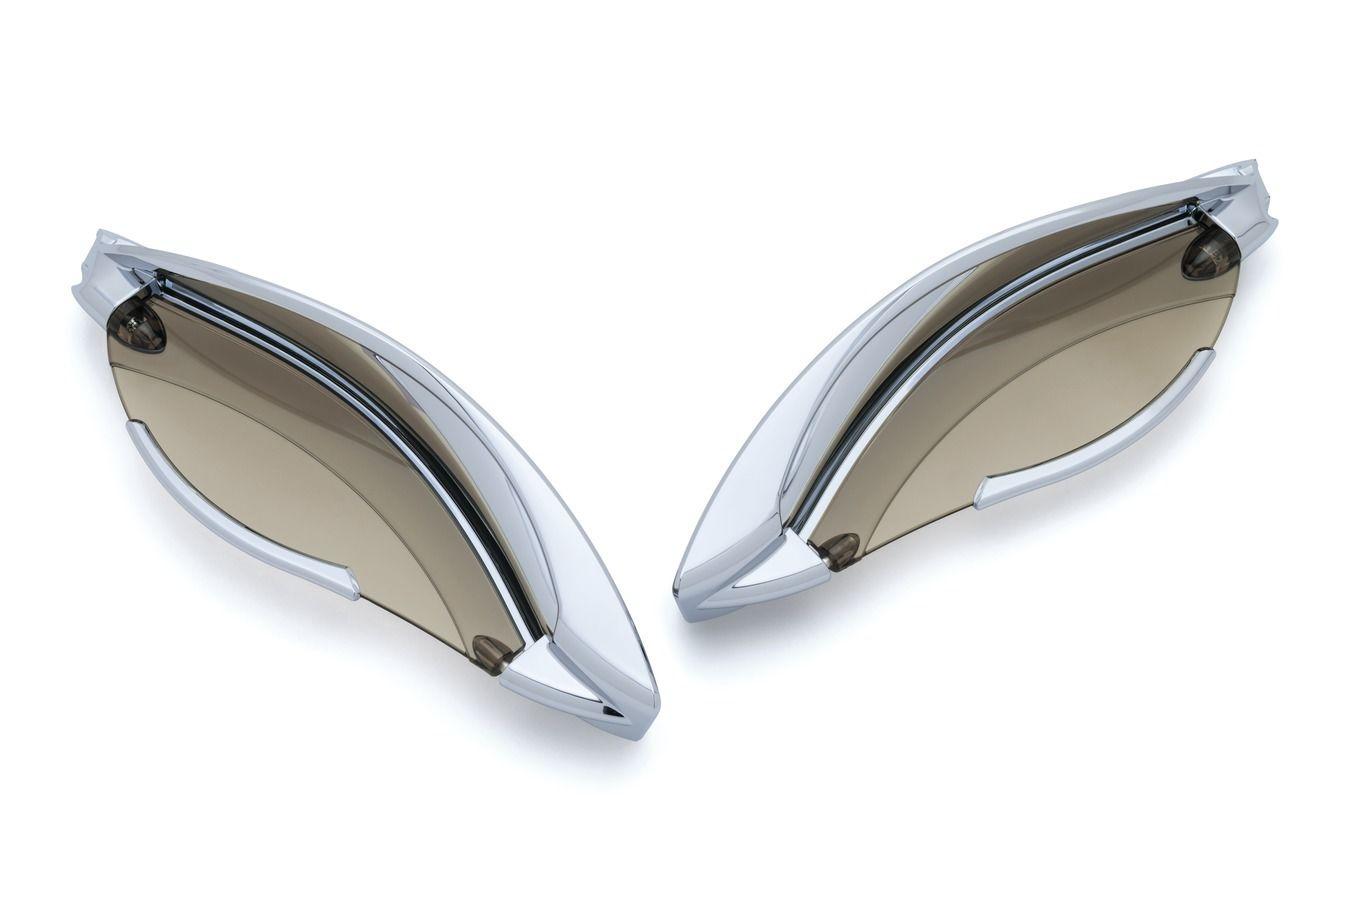 風防 ハーレーバットウィング'14 -'17用のクアラキンクロム調節可能なフェアリングエアデフレクター Kuryakyn Chrome Adjustable Fairing Air Deflectors for Harley Batwing '14-'17